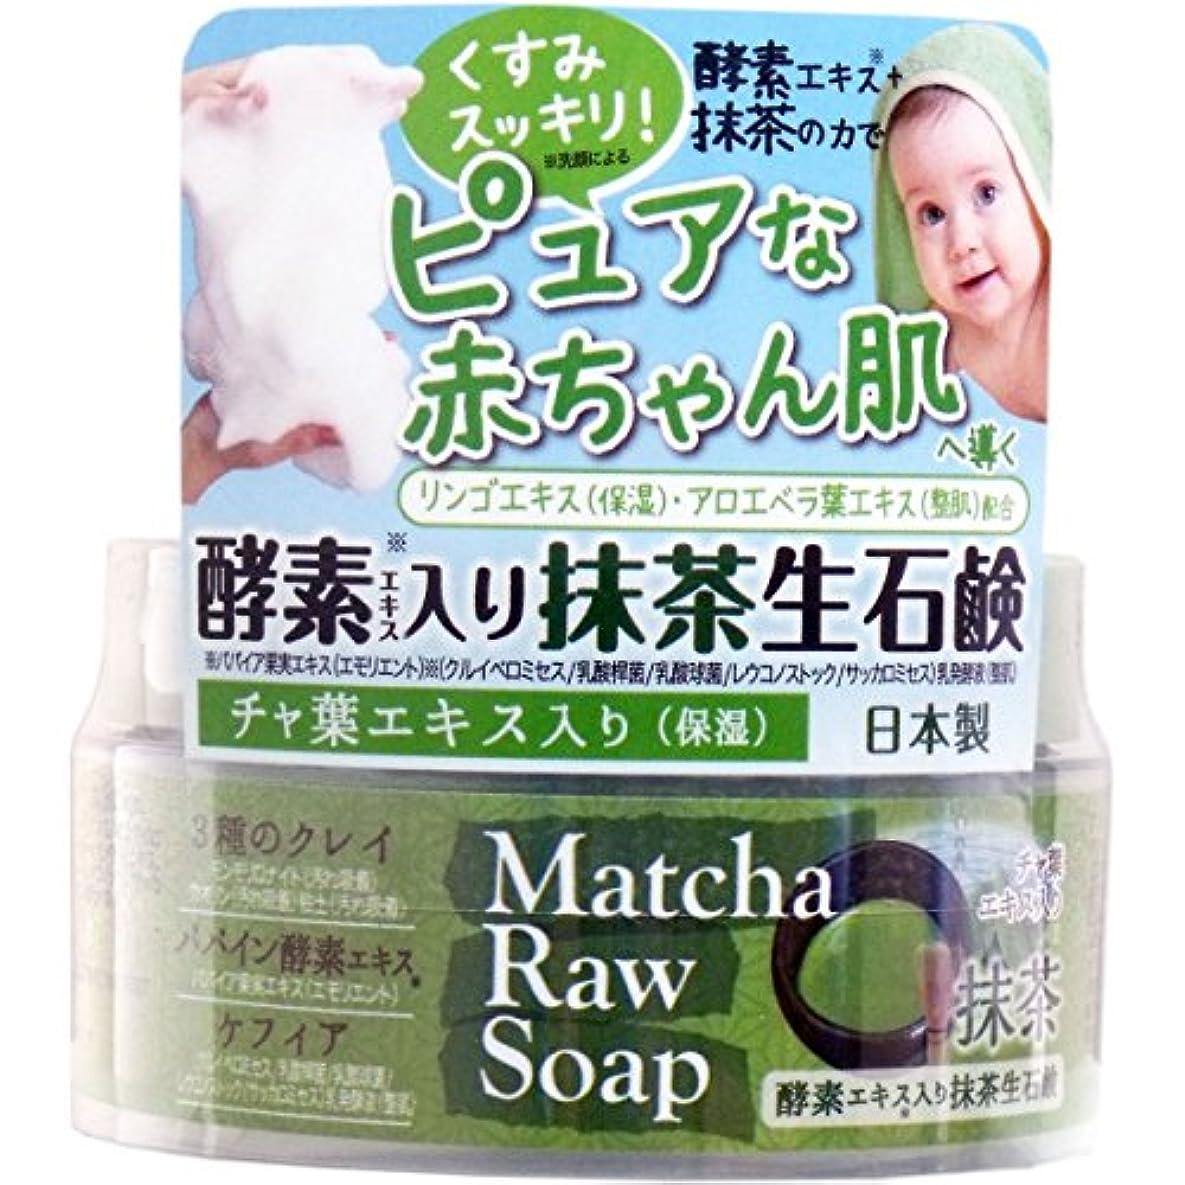 従順なサンプルシェルター酵素エキス入り抹茶生石鹸